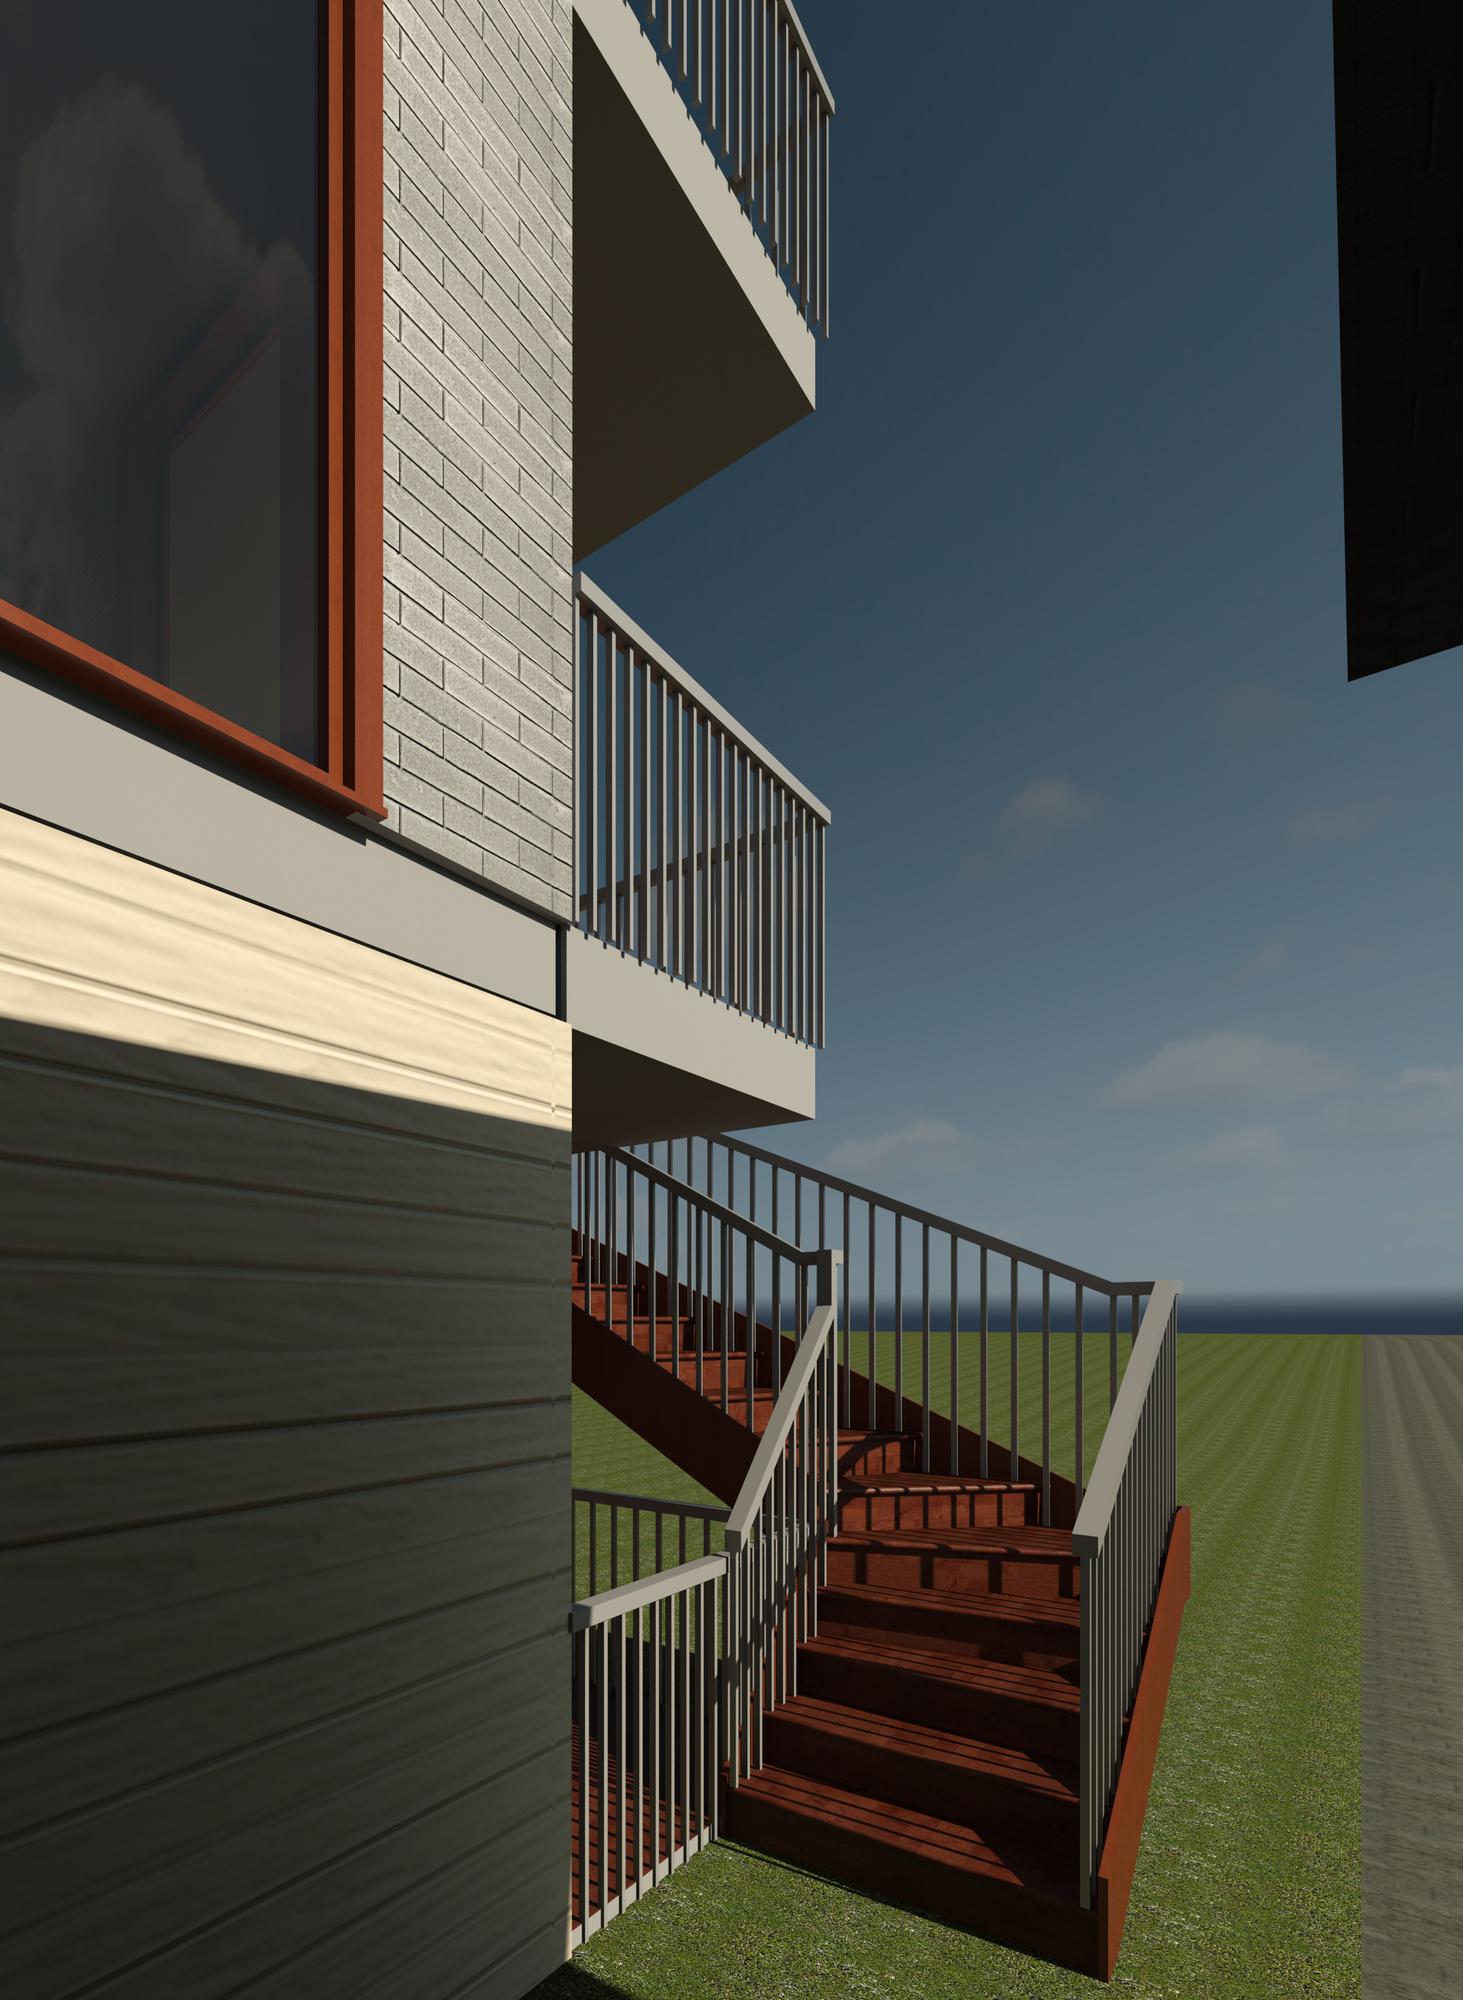 Raas-rendering20150518-11167-xpyo8r